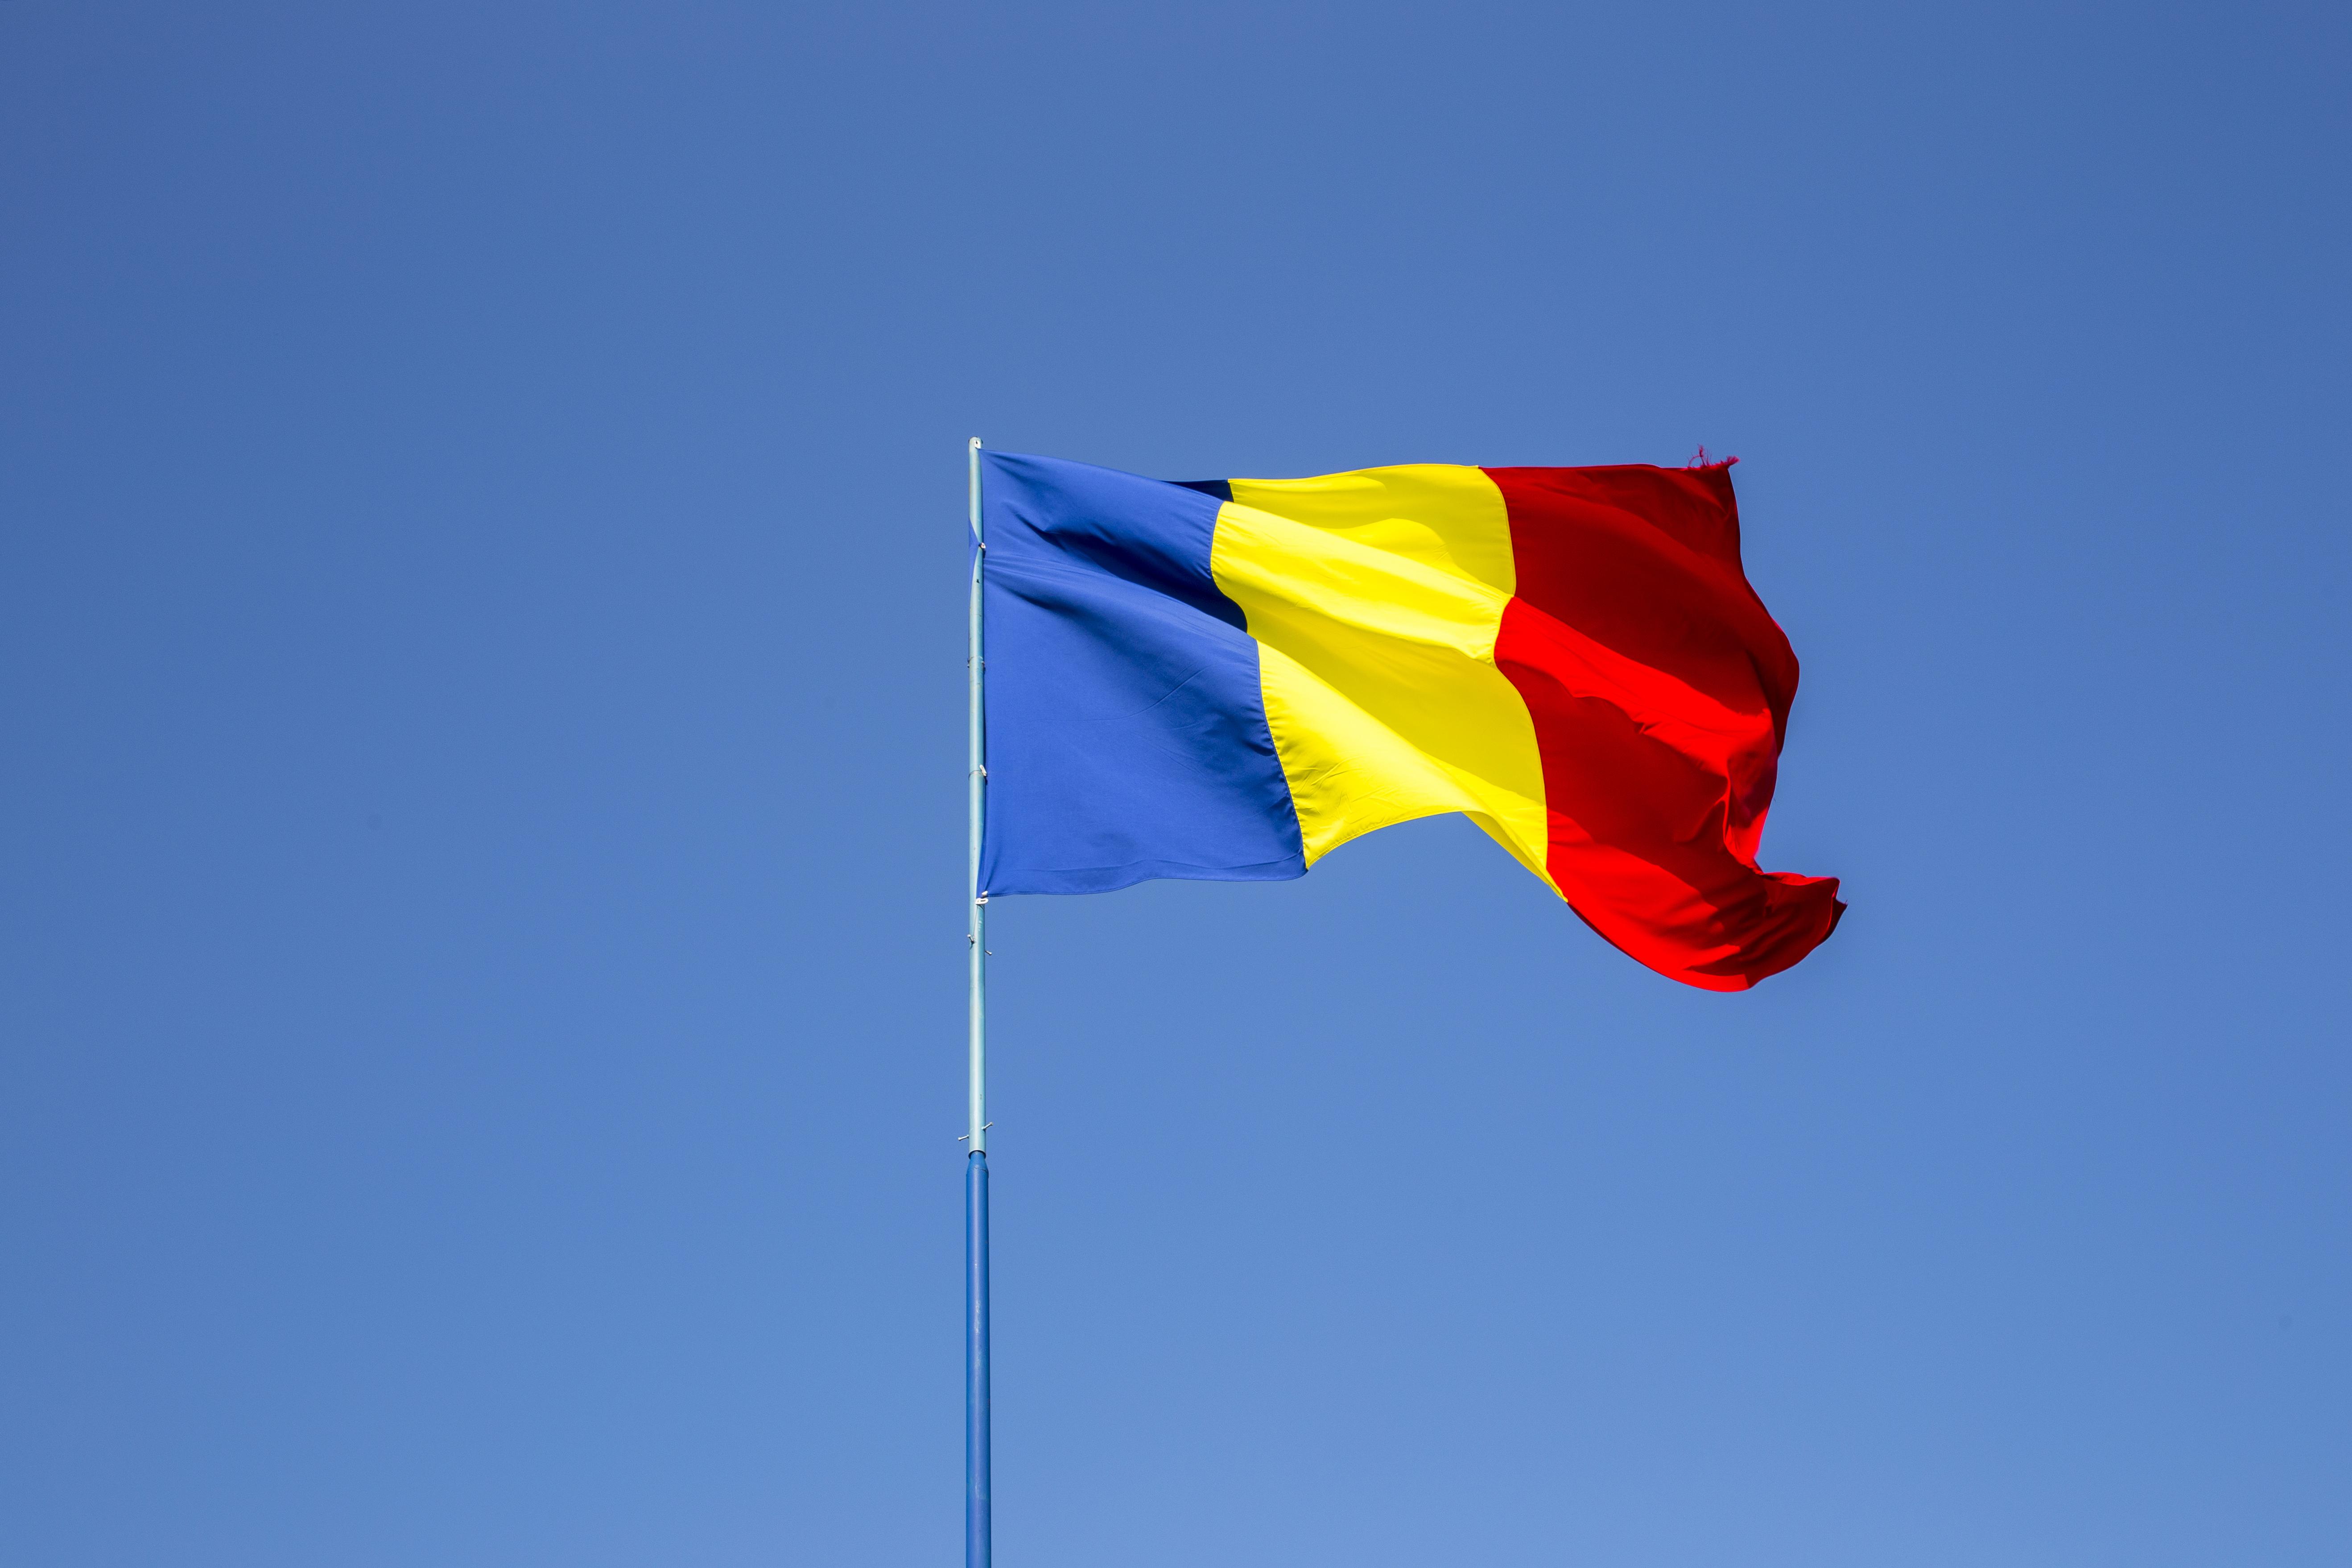 Флаг Румынии, присягу которой надо сдавать для получения гражданства